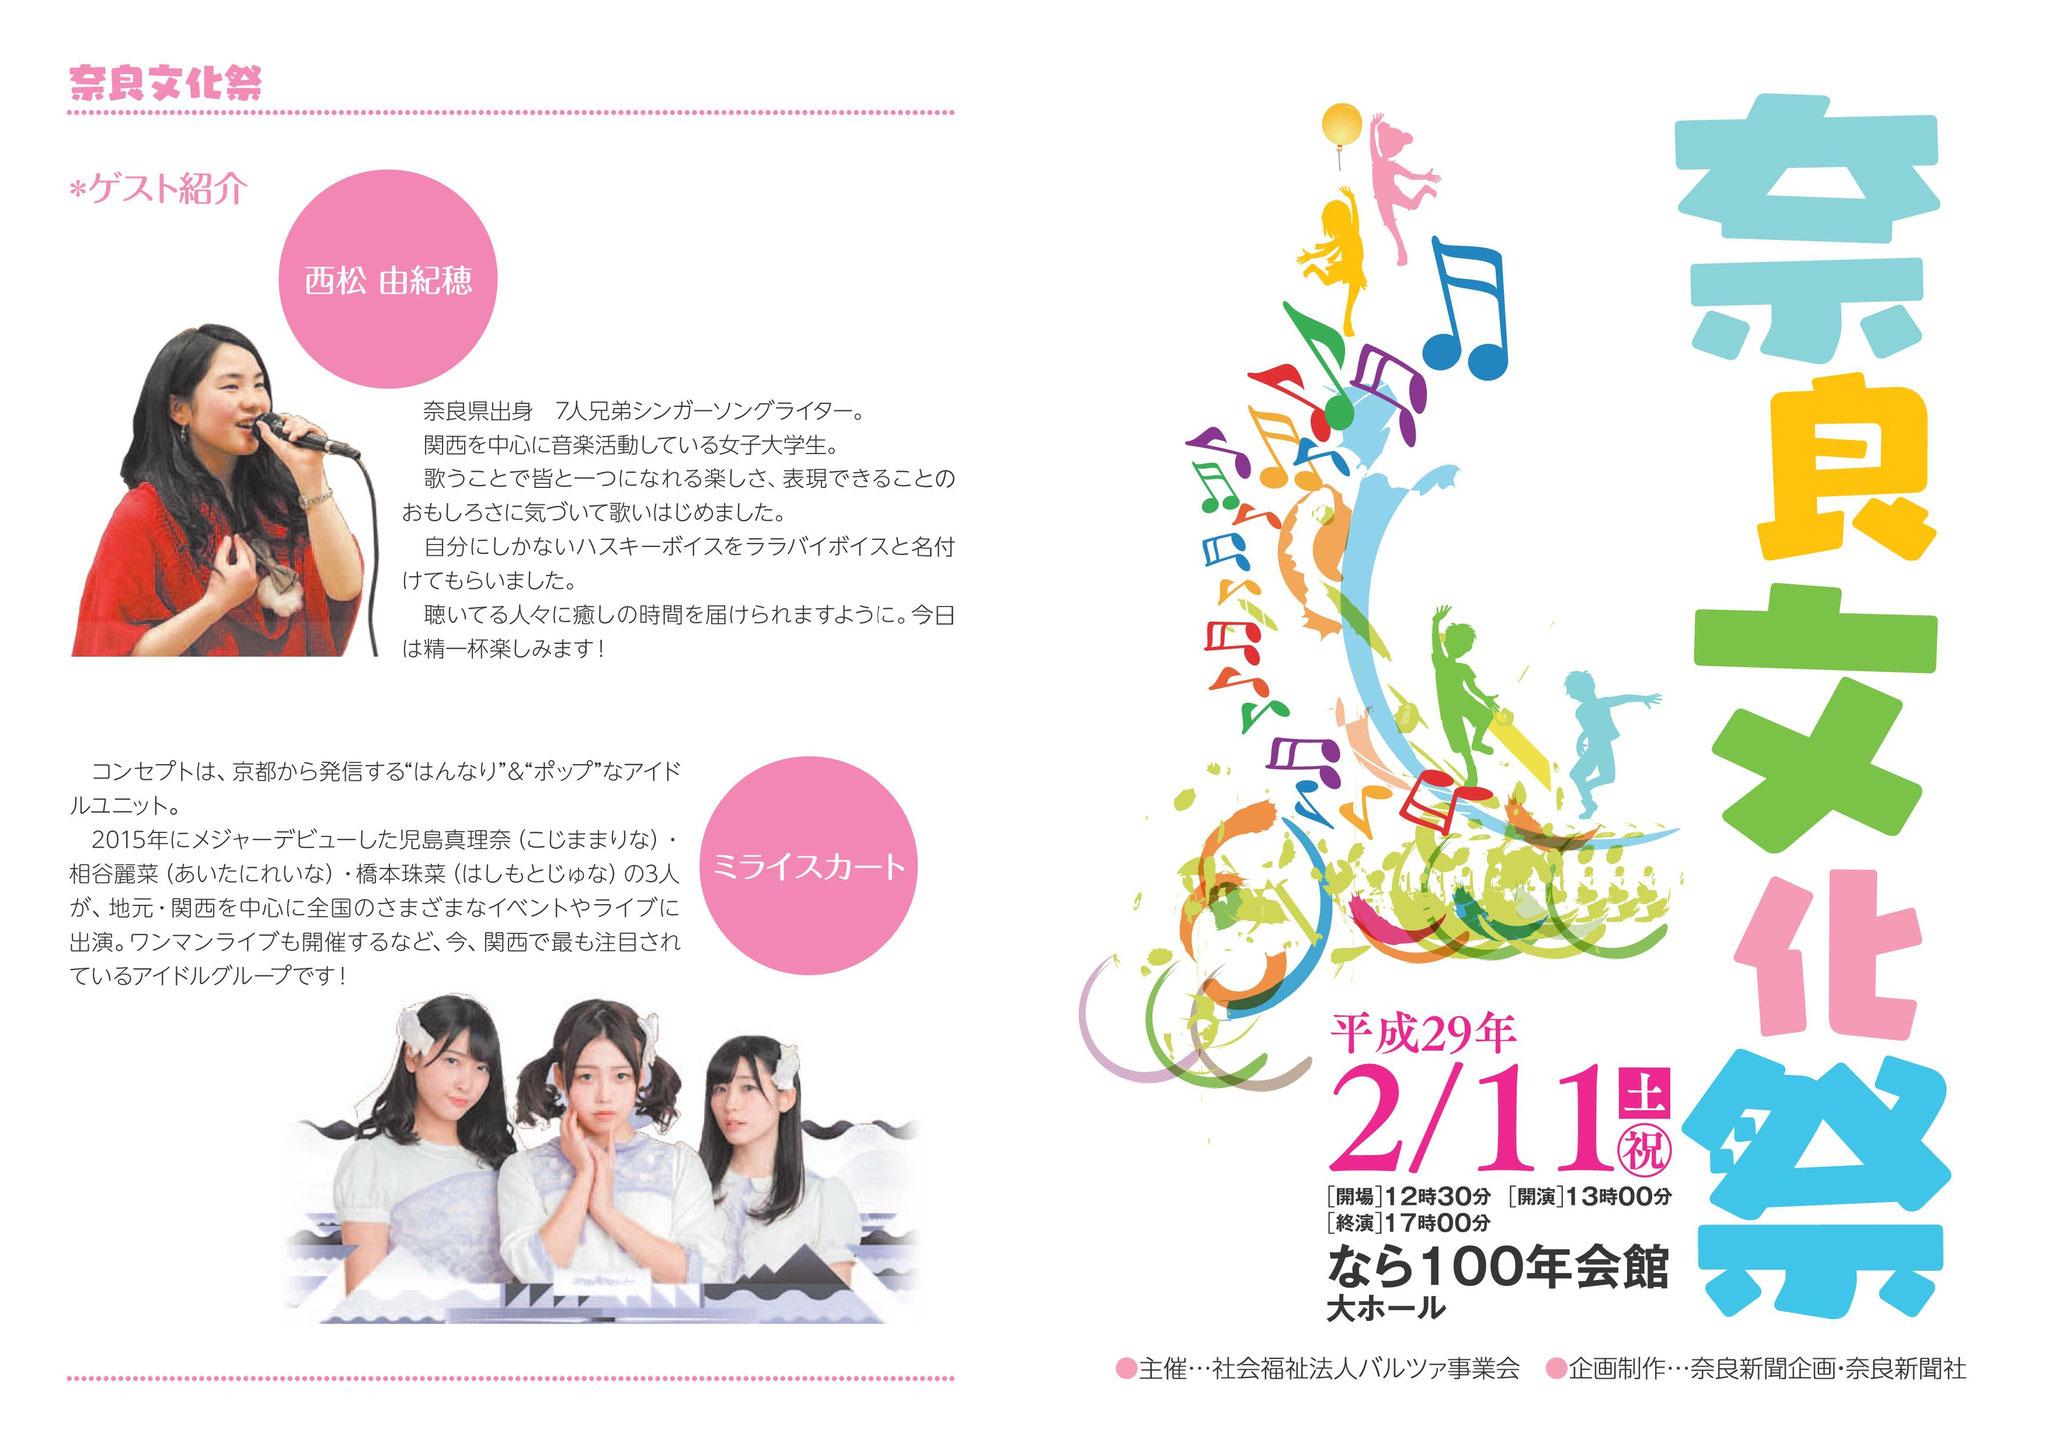 第1回奈良文化祭プログラム